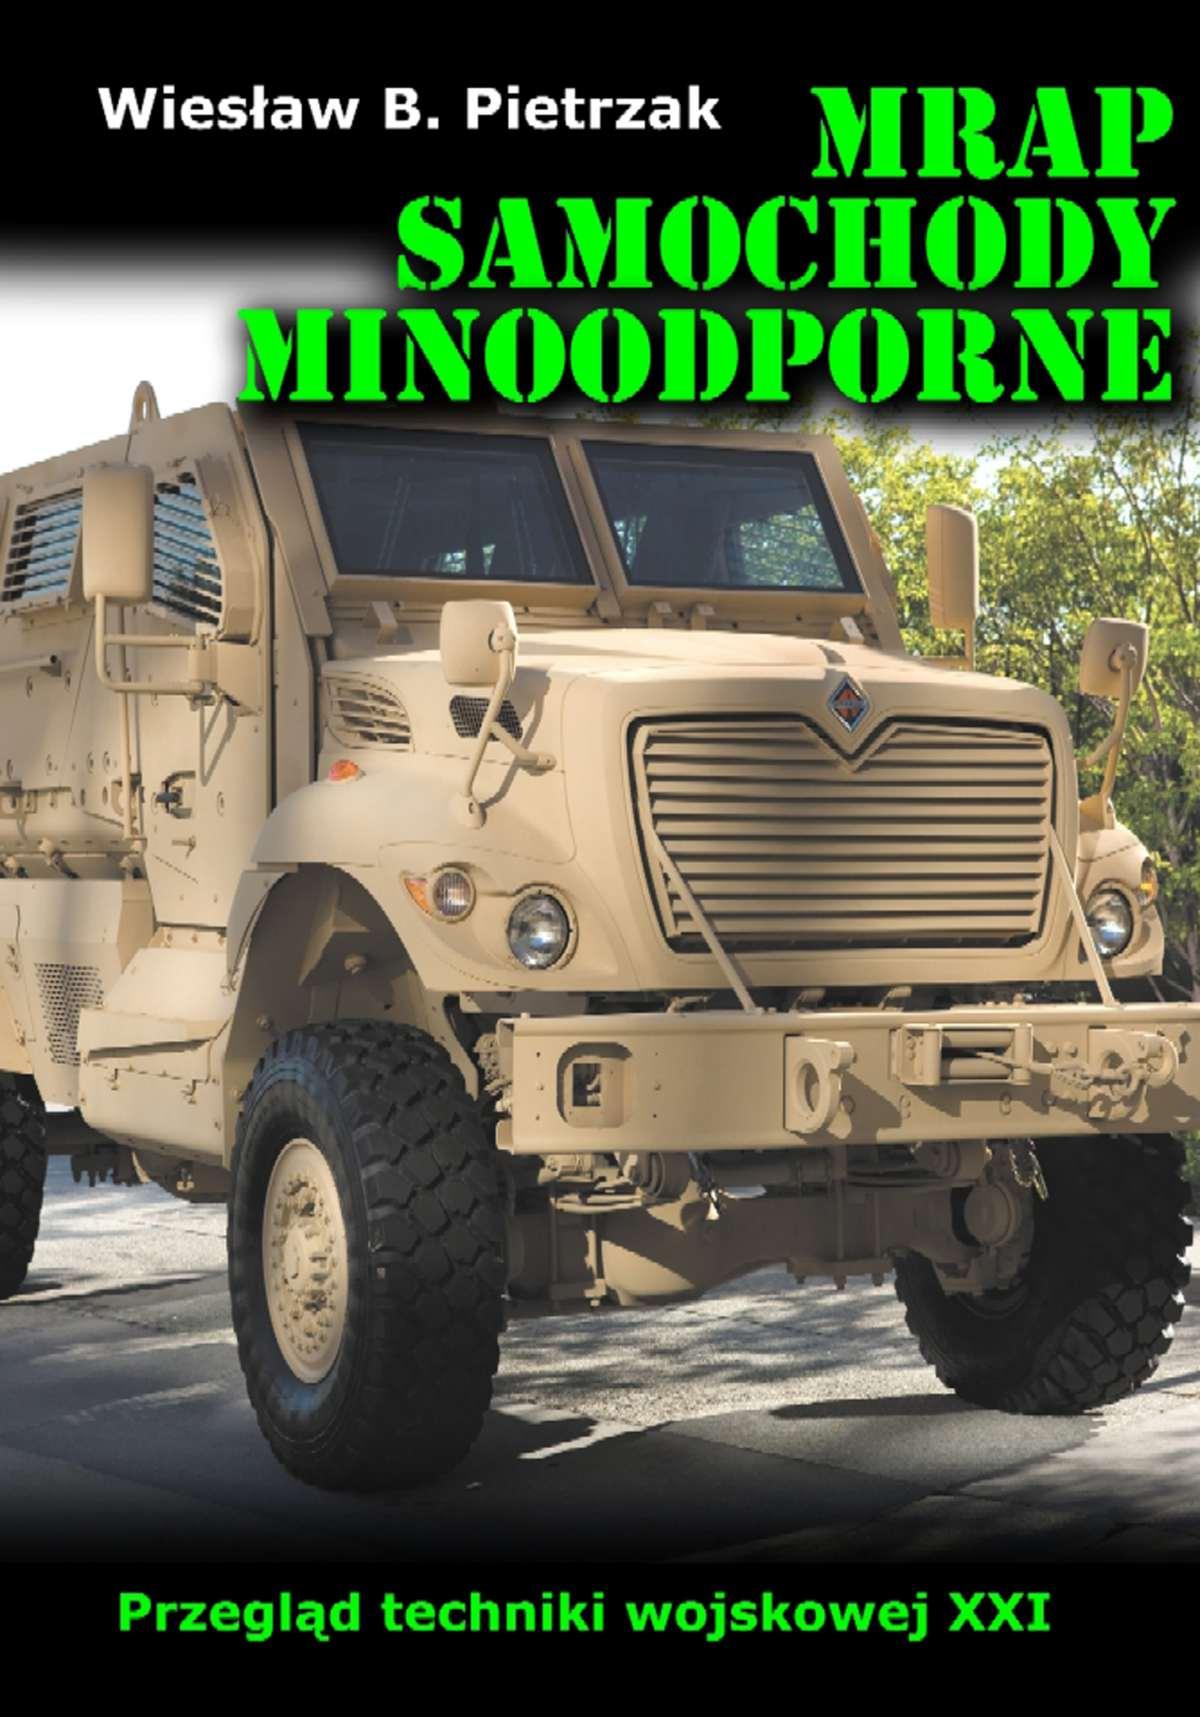 MRAP. Samochody minoodporne. Przegląd techniki wojskowej XXI wieku - Ebook (Książka na Kindle) do pobrania w formacie MOBI